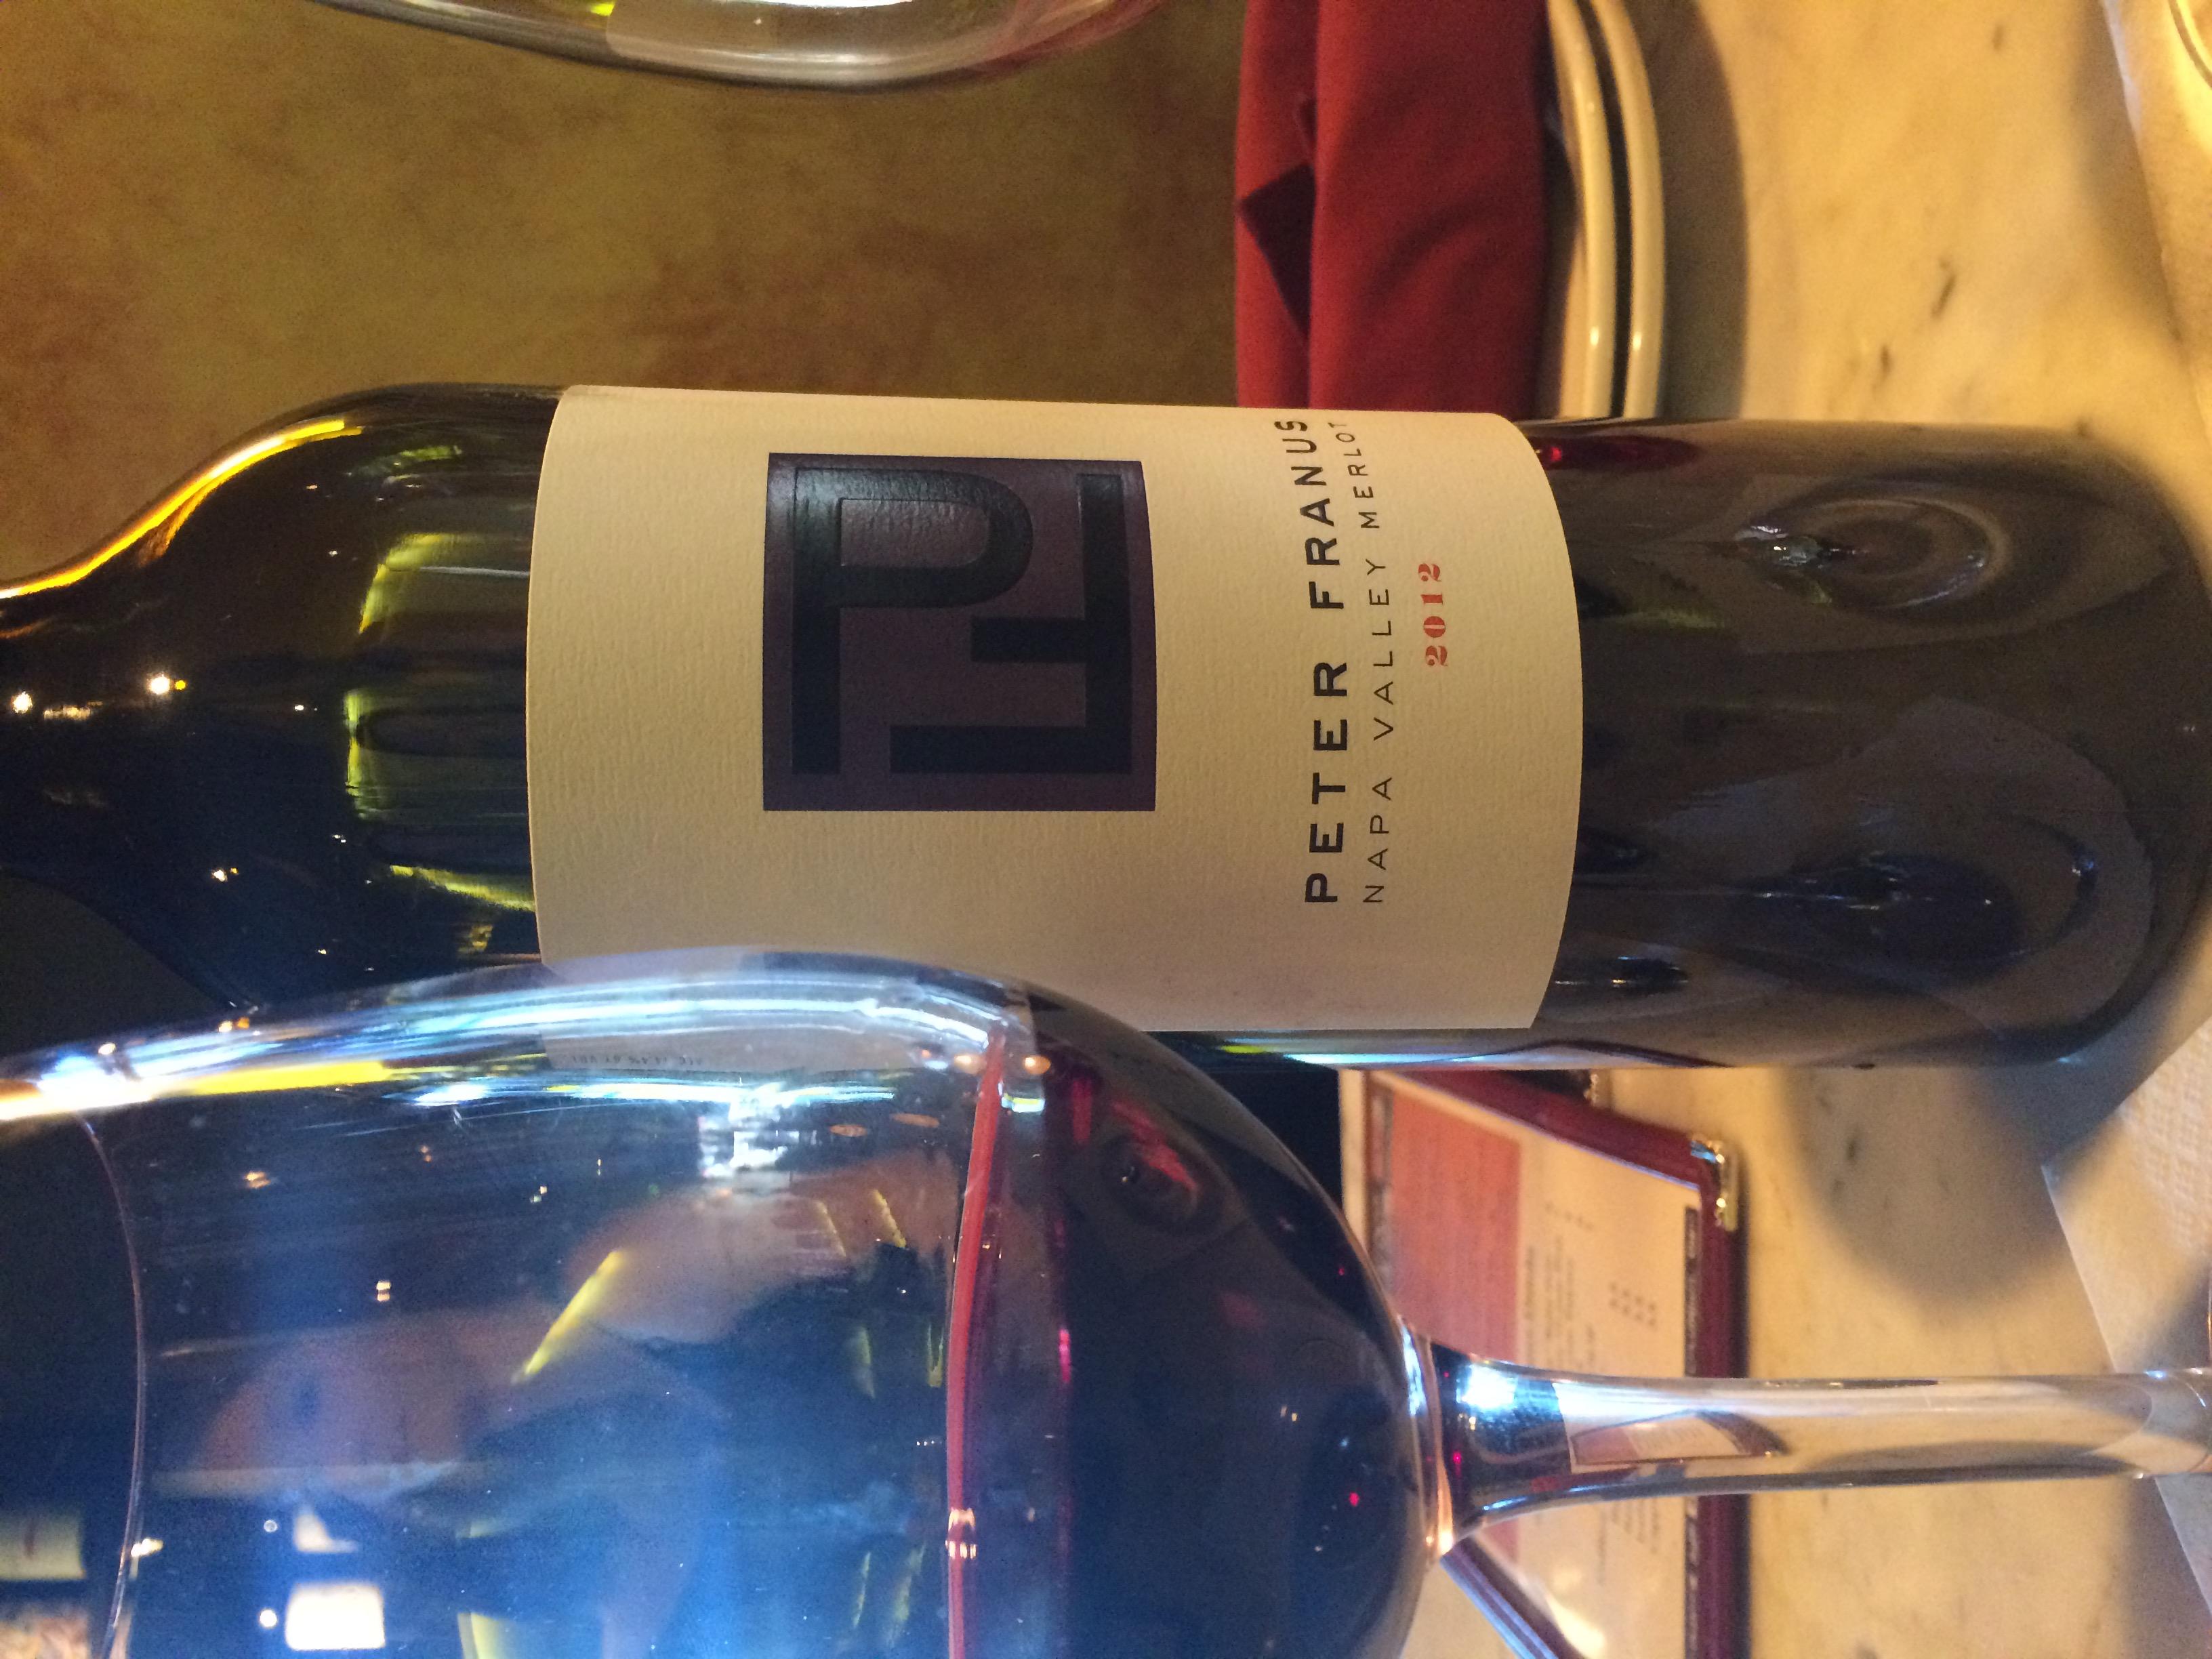 Sipping vino at Vino Vino.